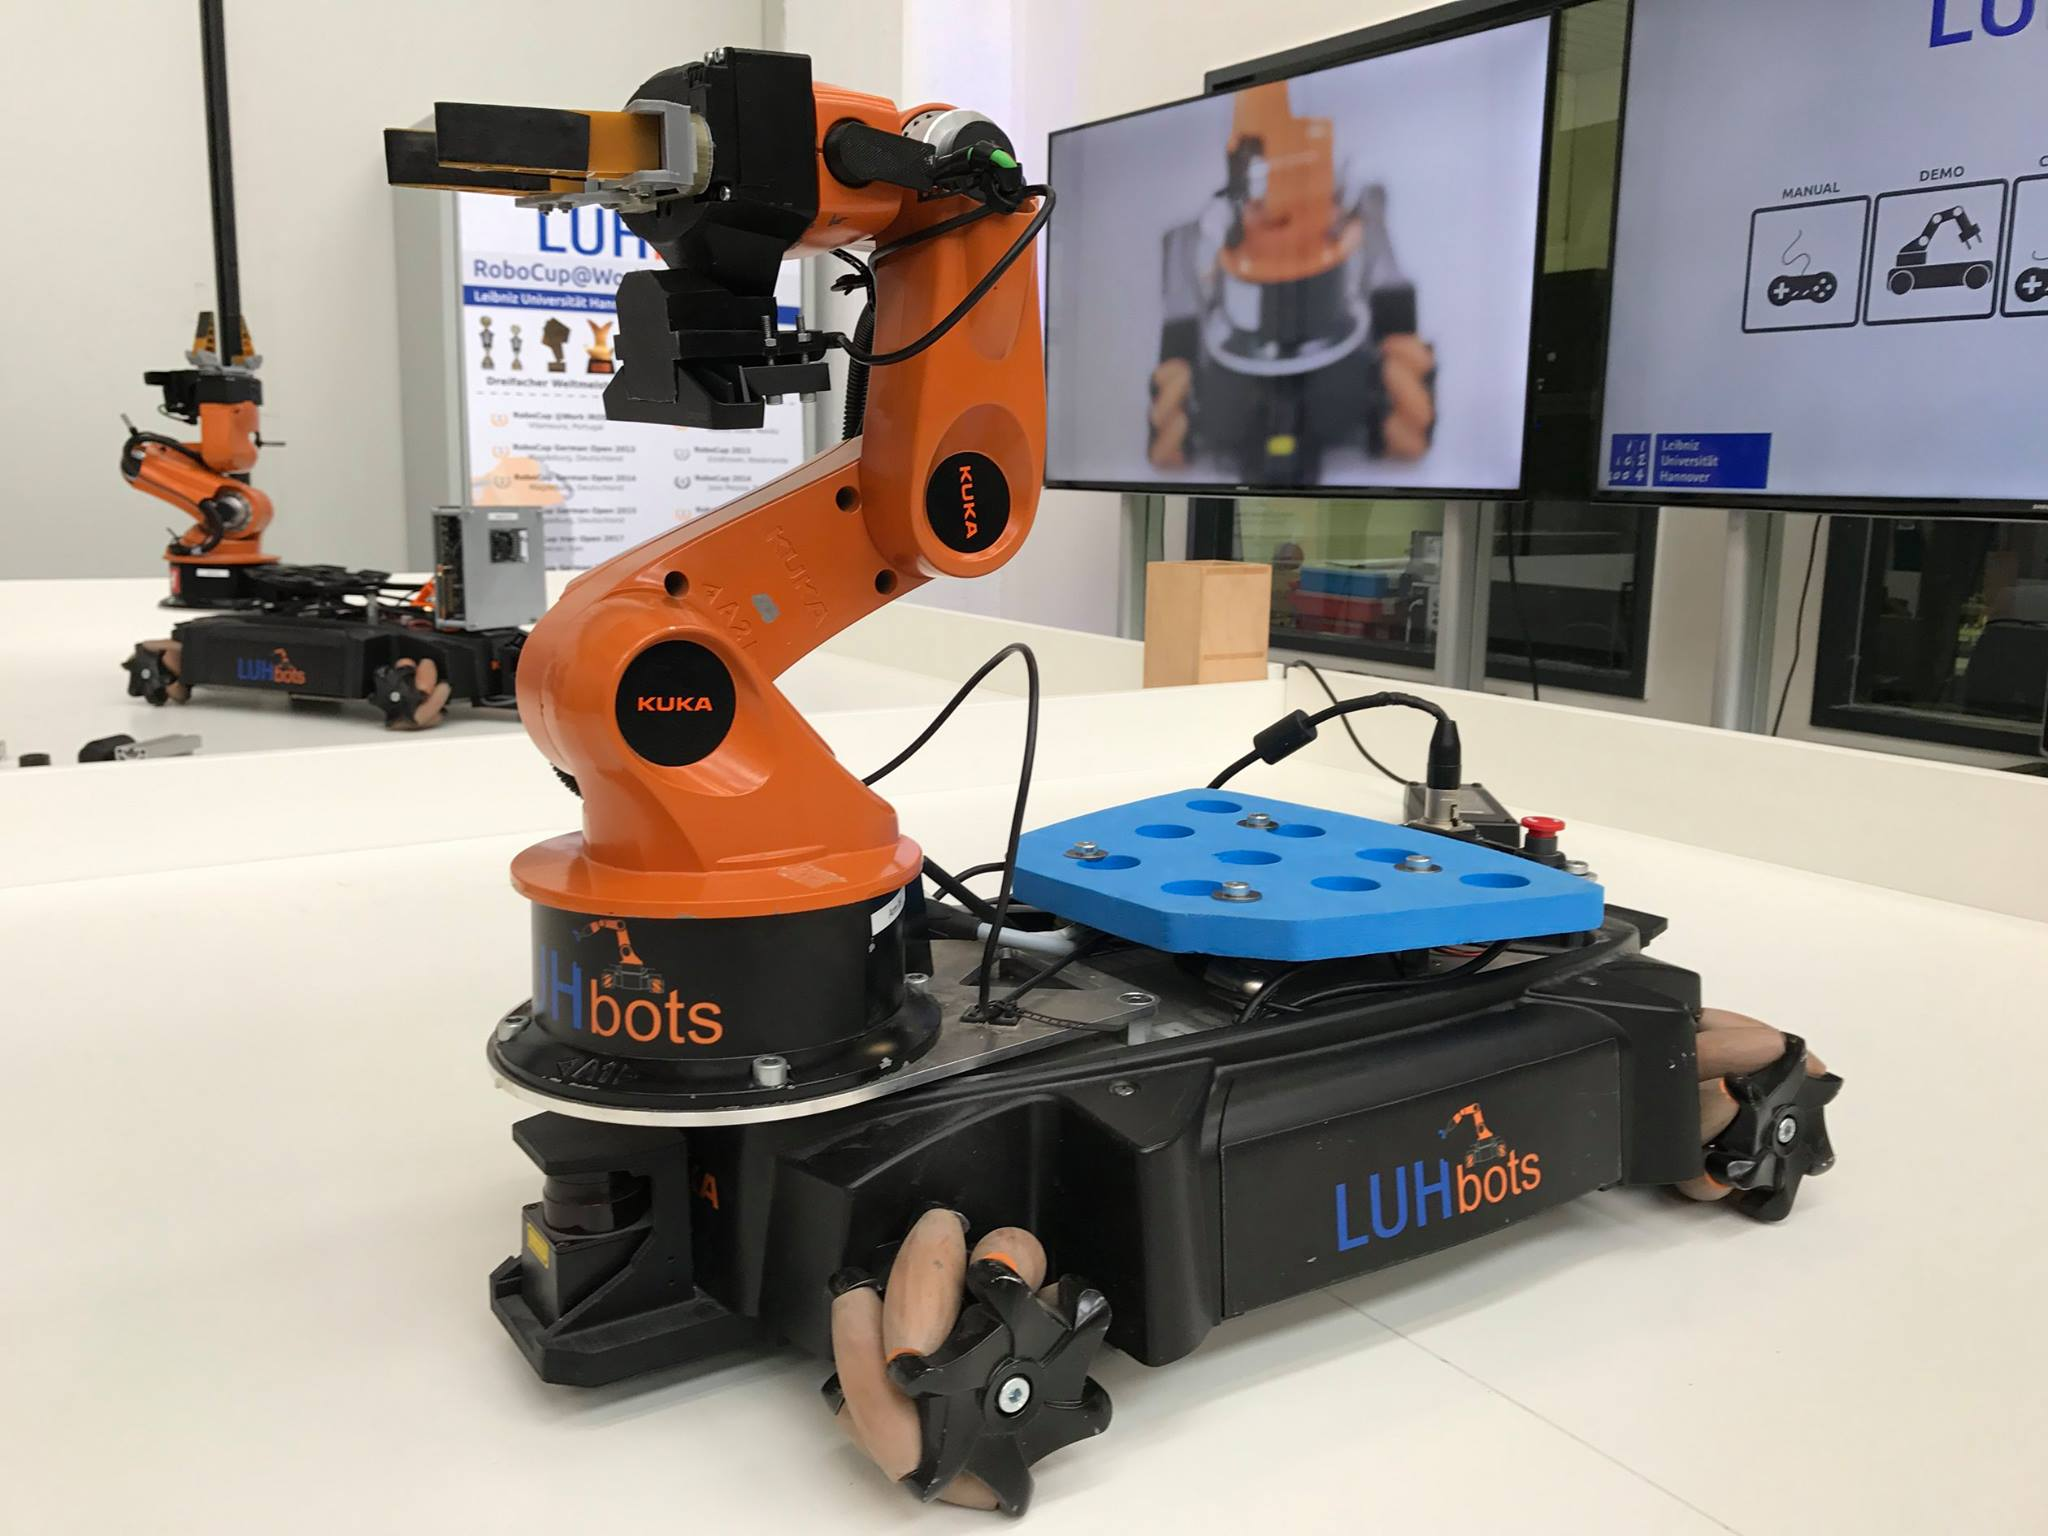 Ein Roboter vorne im Bild, hinten sind Bildschirme zu sehen.